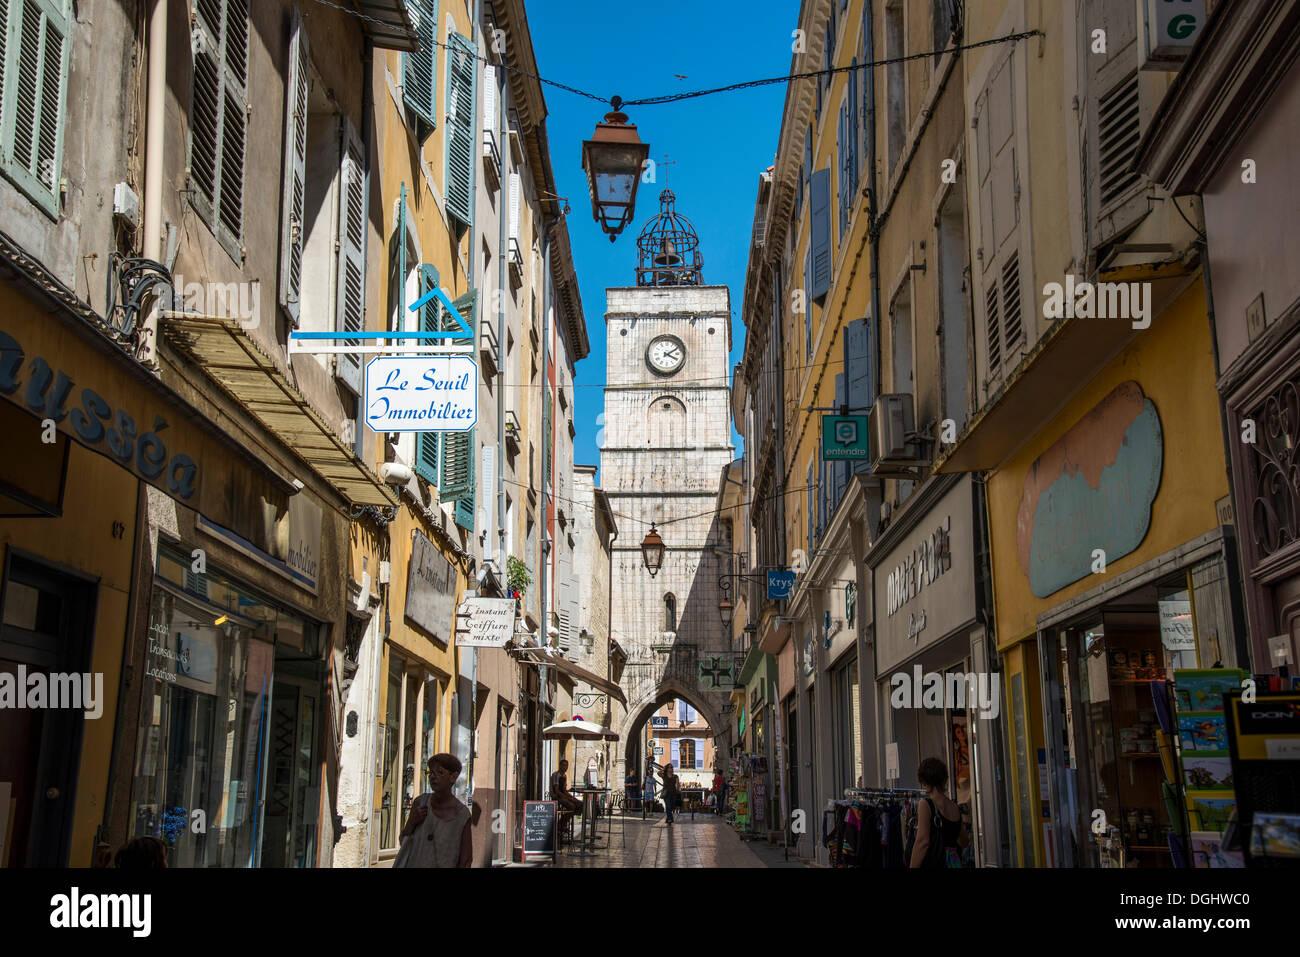 Tour de la ville, Apt, Provence-Alpes-Côte d'Azur, France, Europe Photo Stock